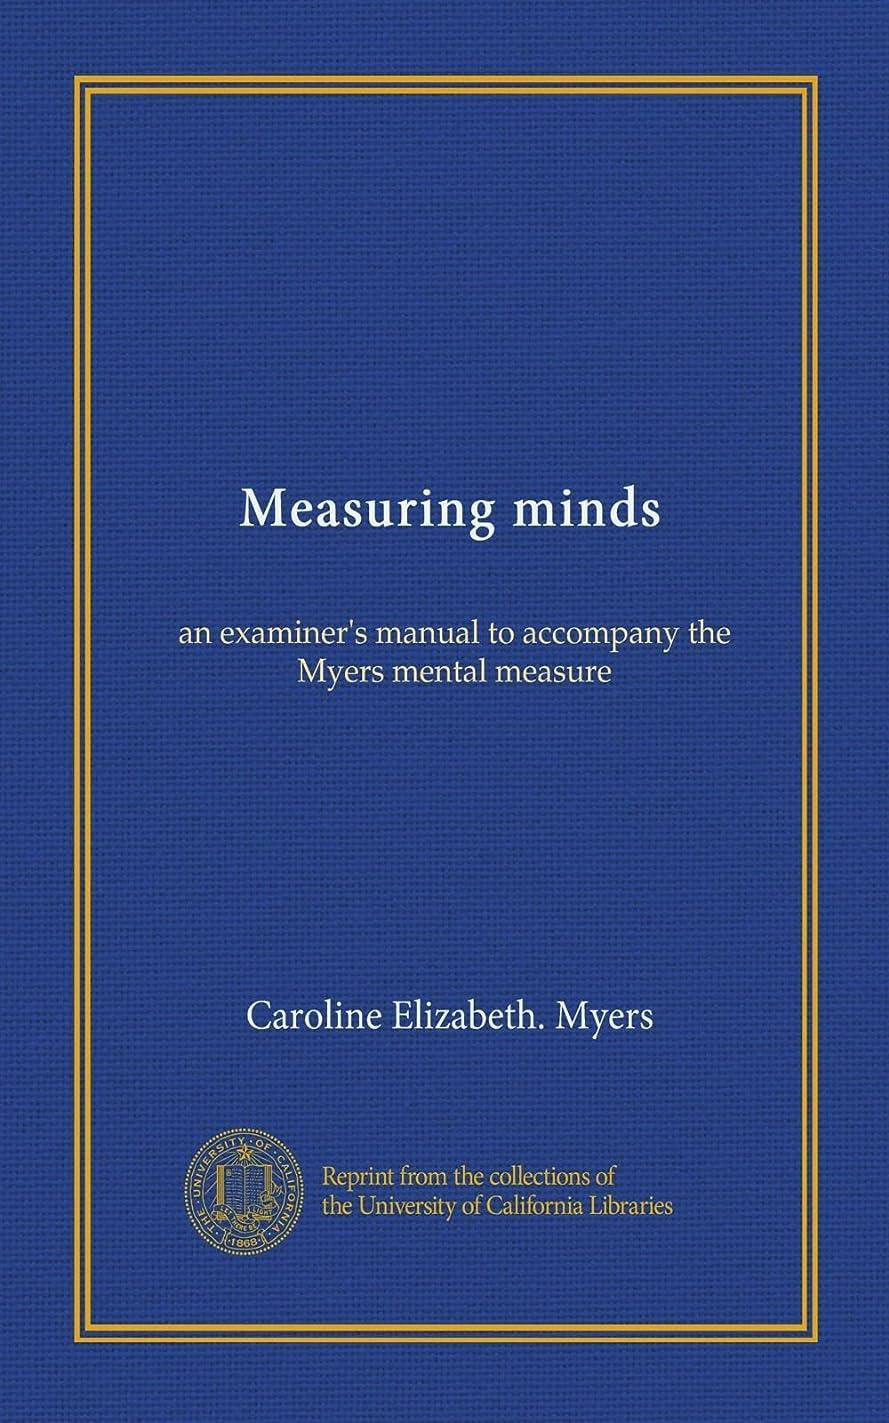 傷つける主張するリサイクルするMeasuring minds: an examiner's manual to accompany the Myers mental measure